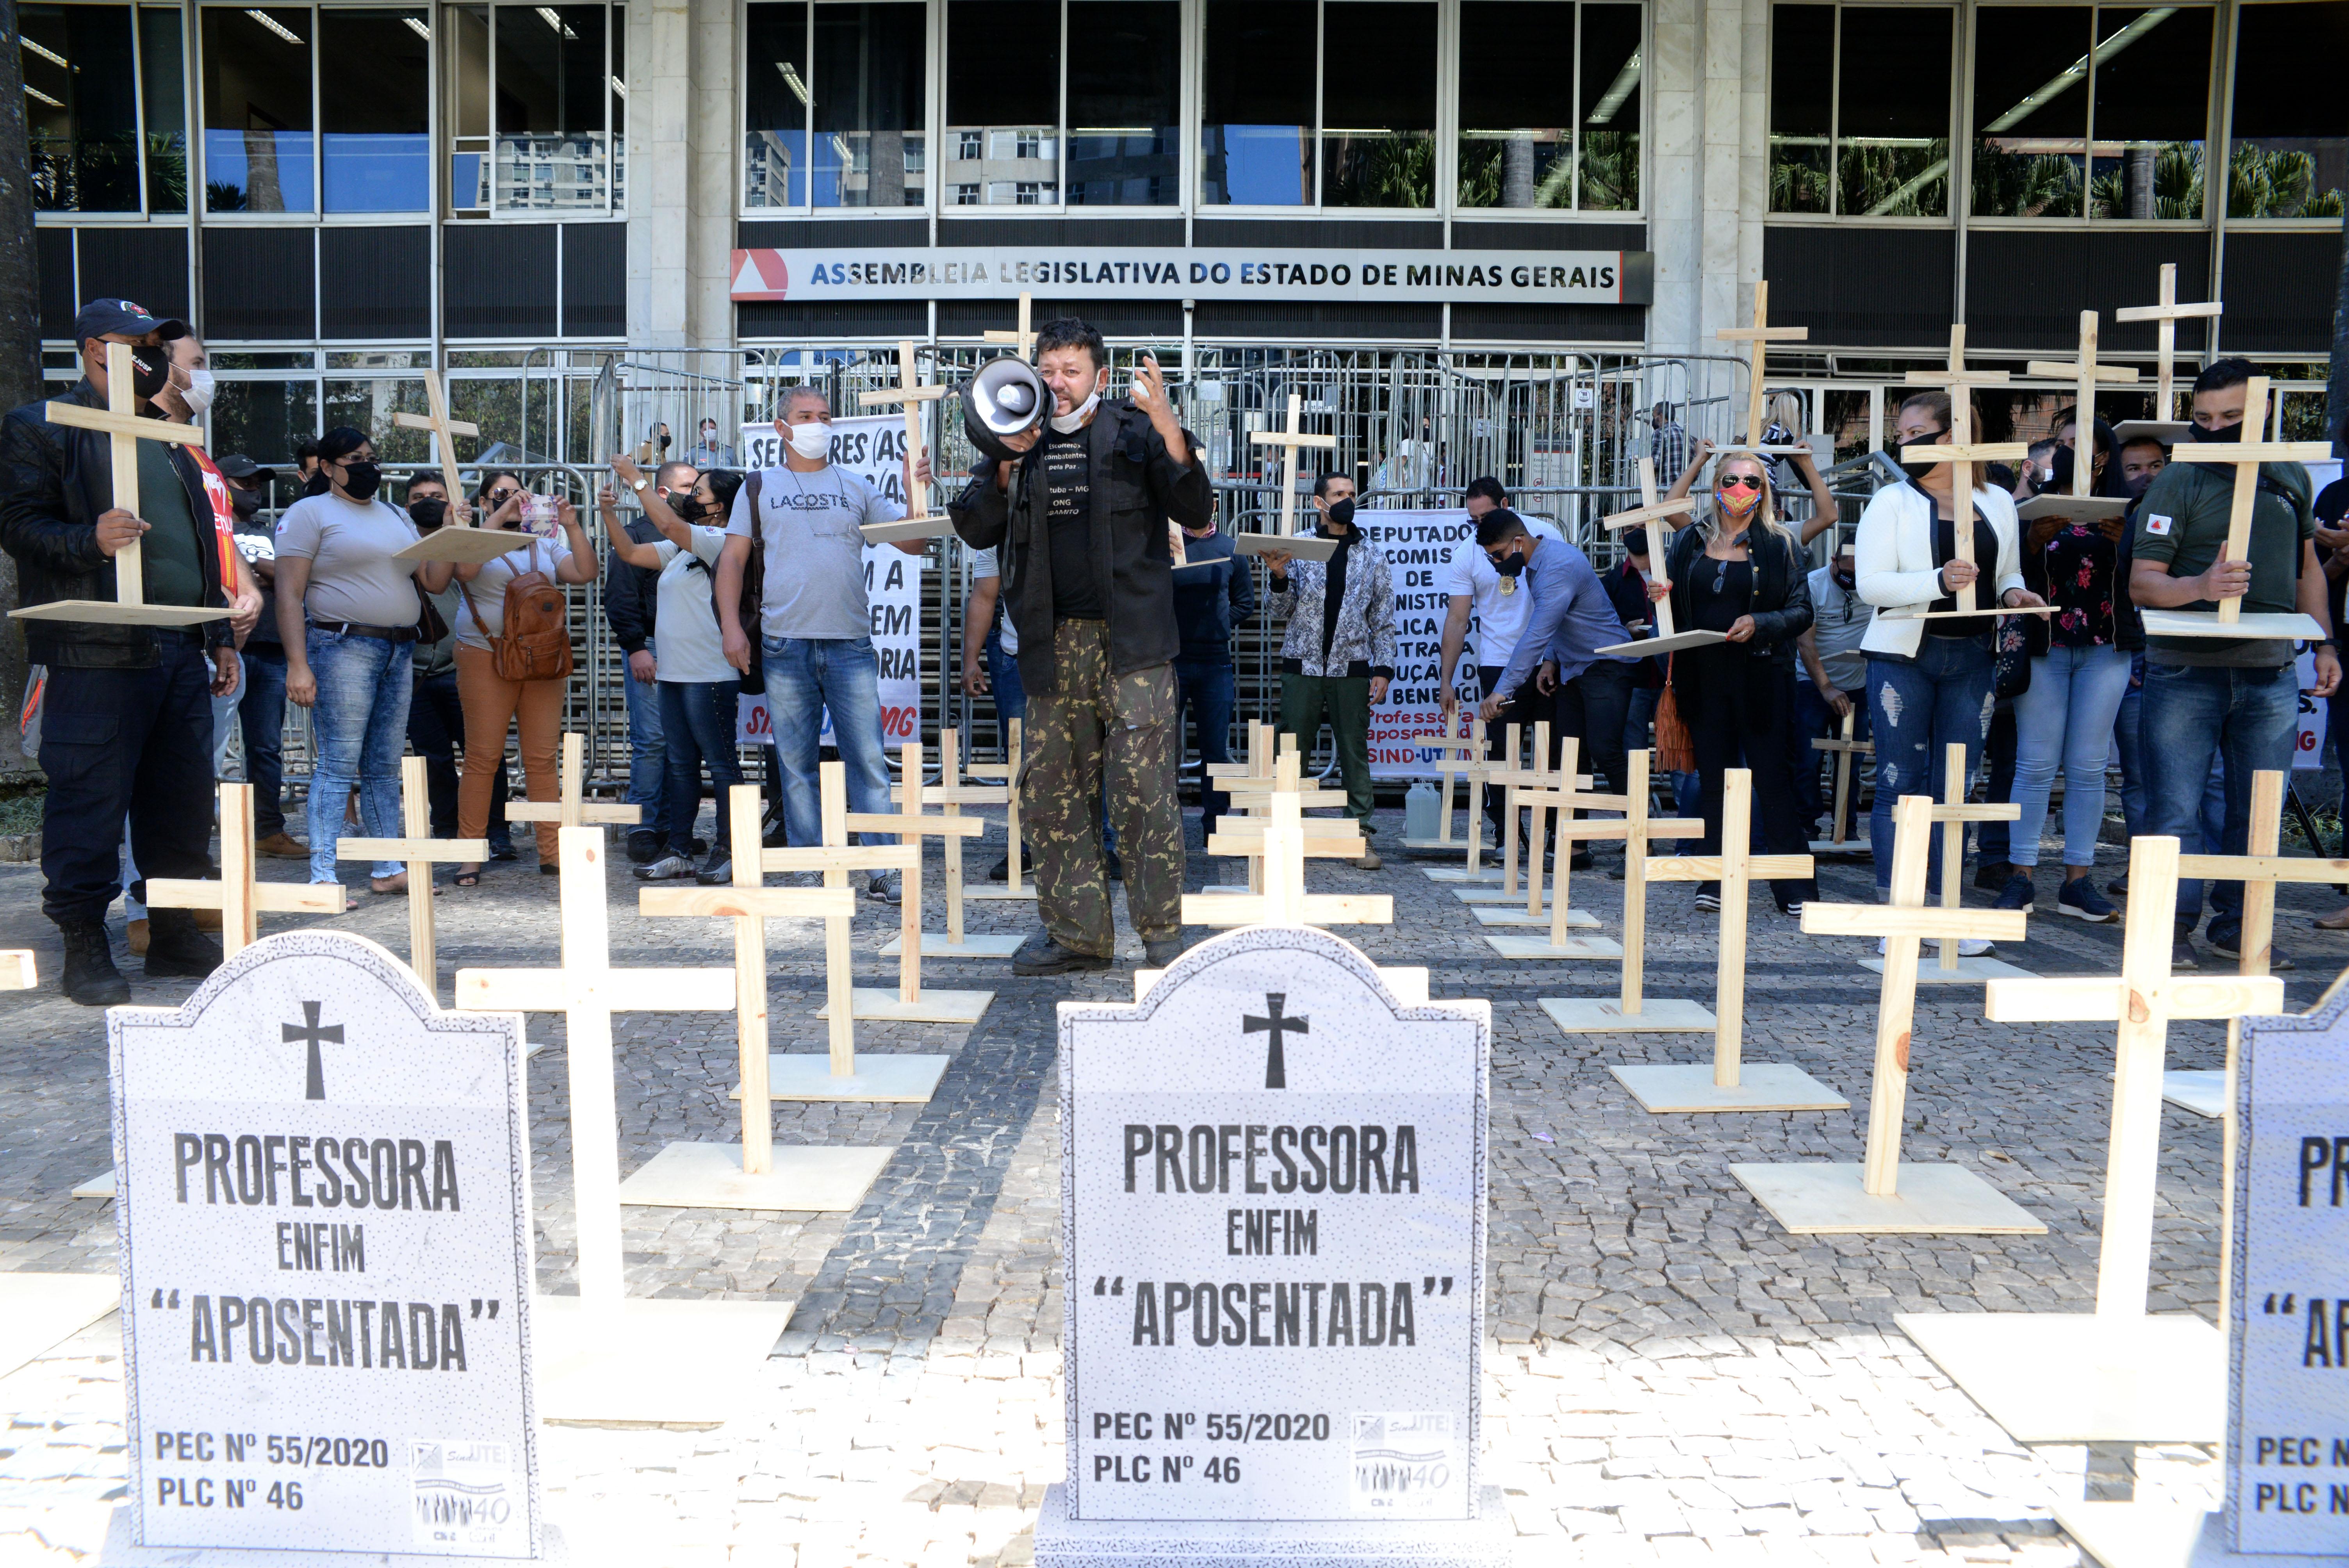 Governador Romeu Zema sanciona projeto de reforma da Previdência em Minas Gerais